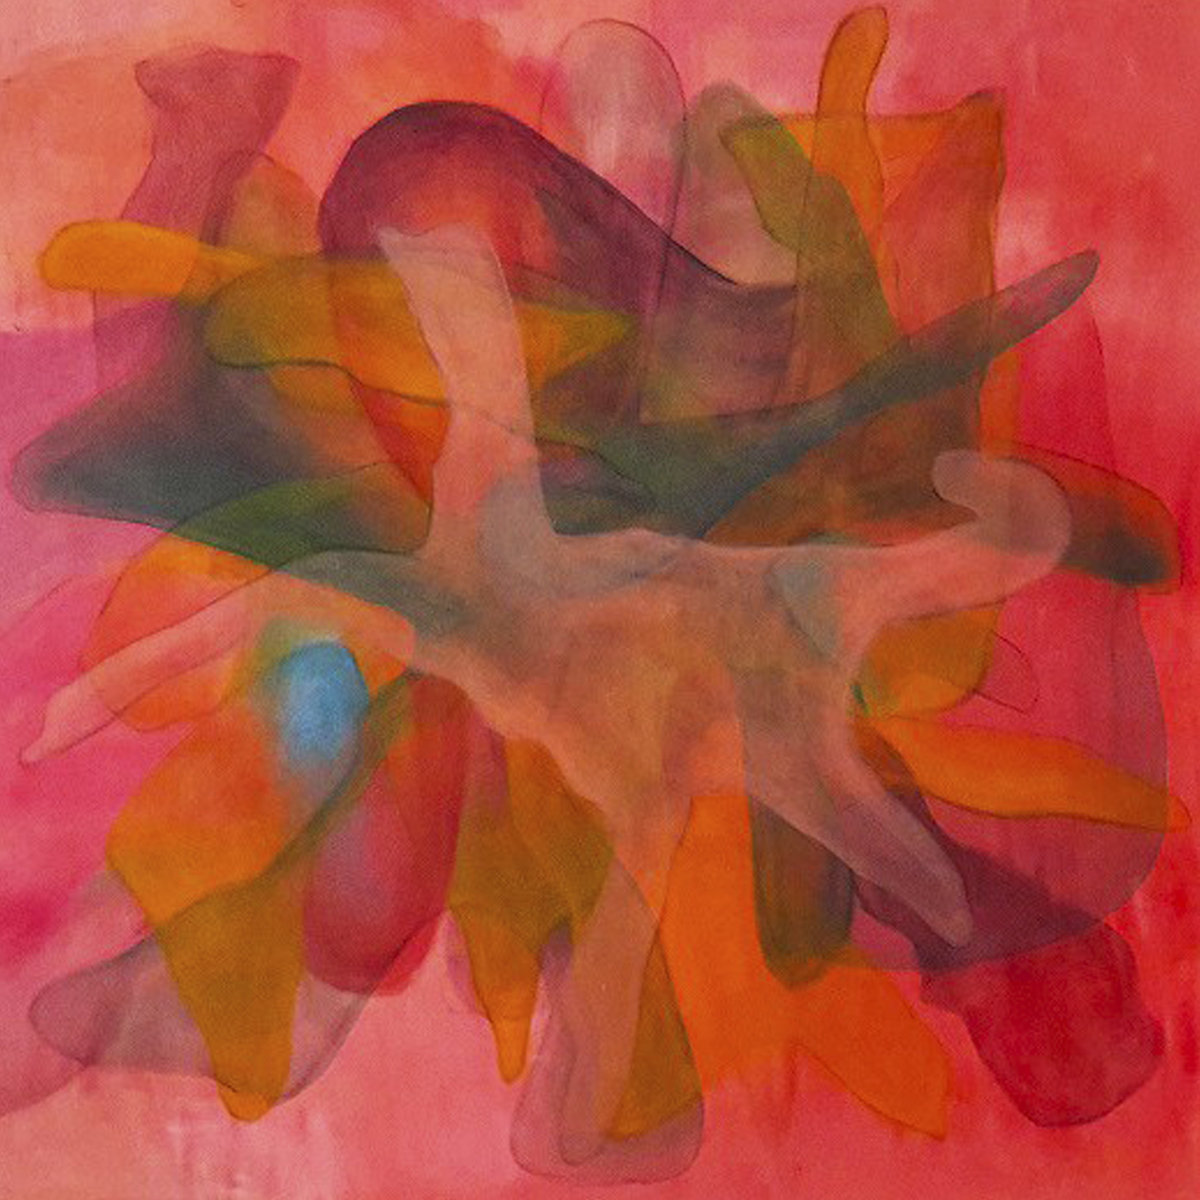 Ver pinturas ver carta colores pinturas colores - Ver colores de pintura ...